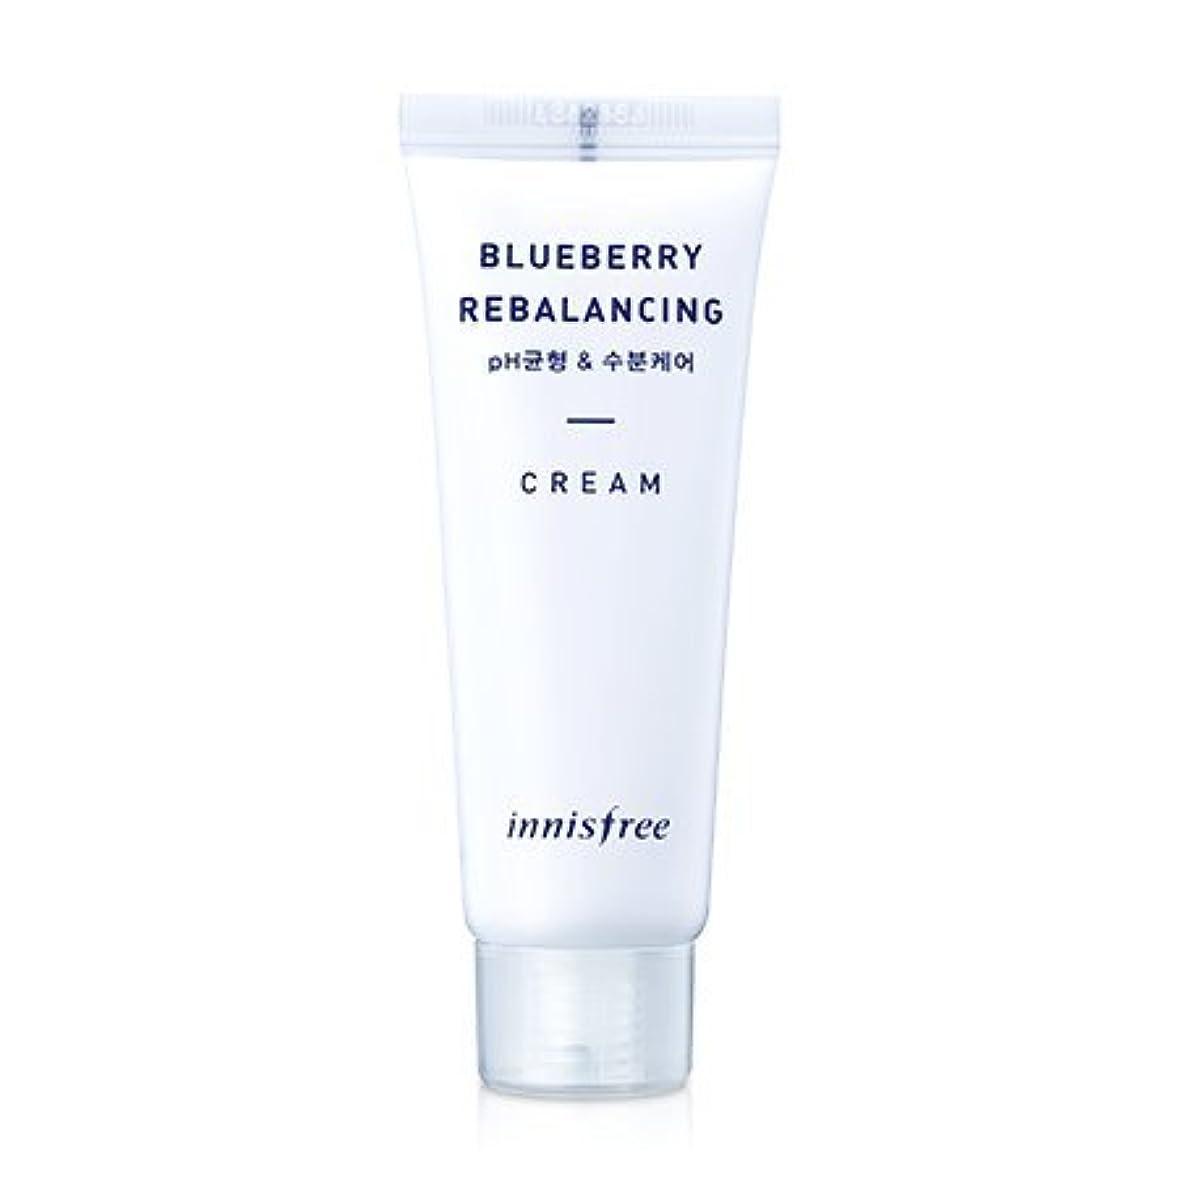 インタフェース古風なネックレス[innisfree(イニスフリー)] Super food_ Blueberry rebalancing cream (50ml) スーパーフード_ブルーベリーリベルロンシンクリーム[並行輸入品][海外直送品]